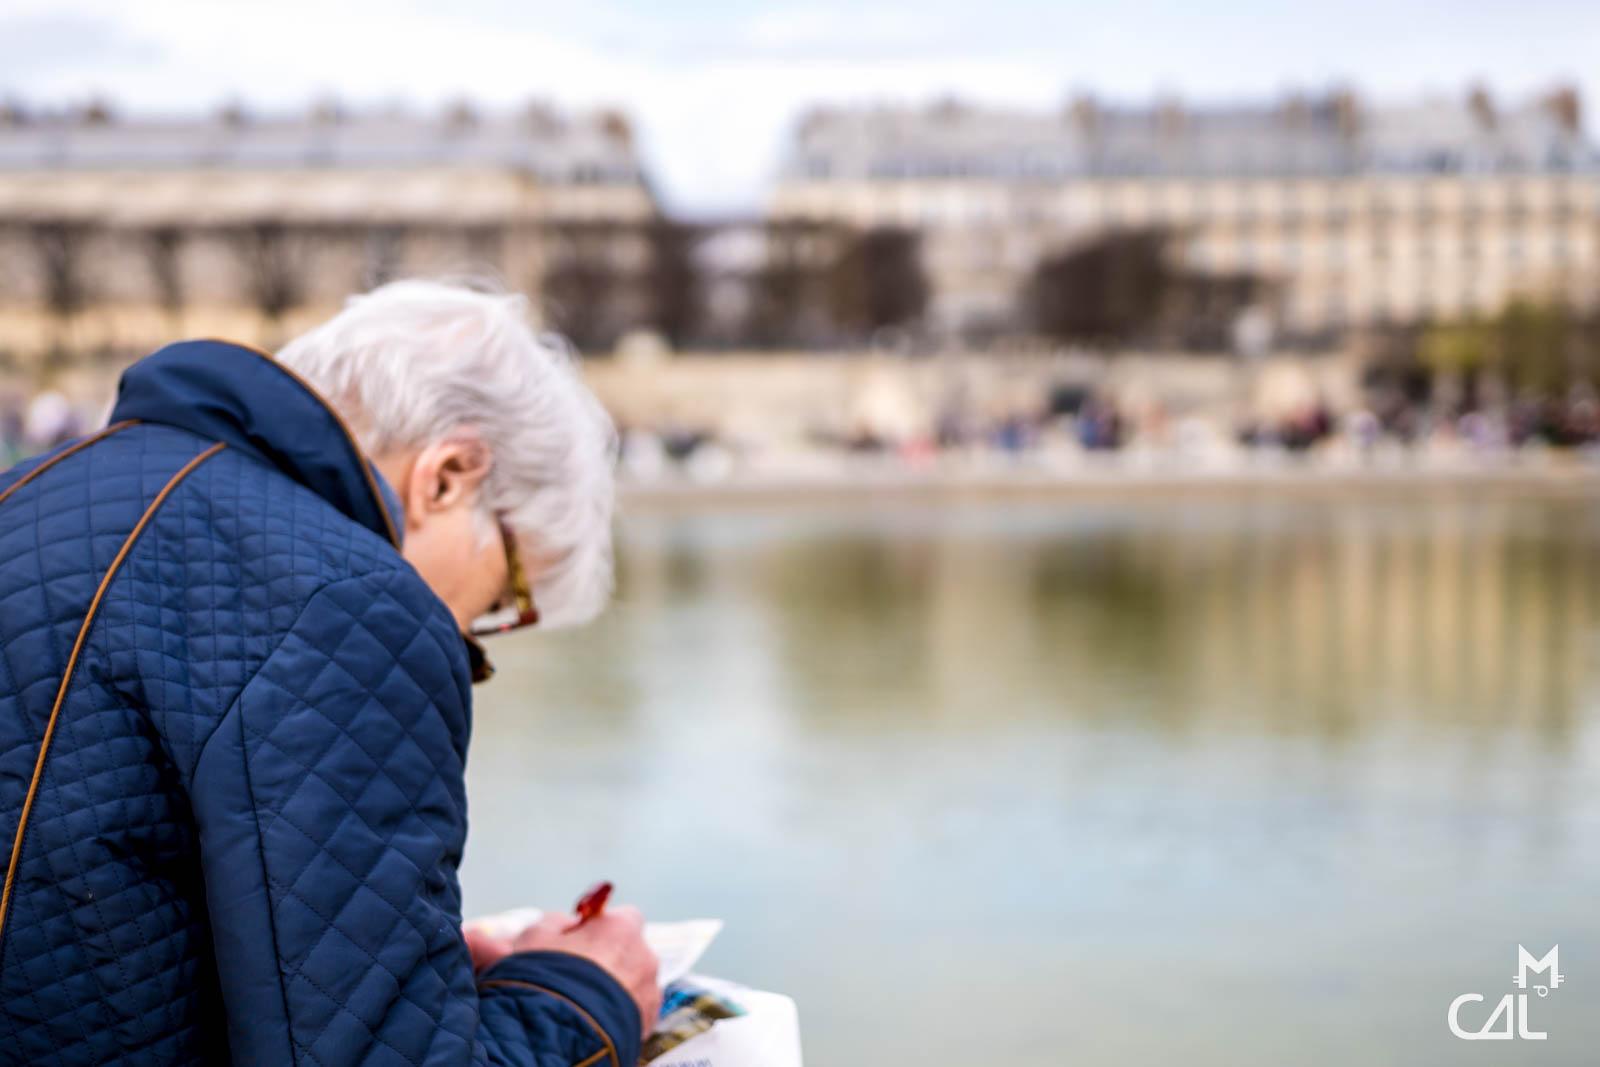 Jardin des tuileries mots crois s devant un bassin mon for Au jardin des tuileries